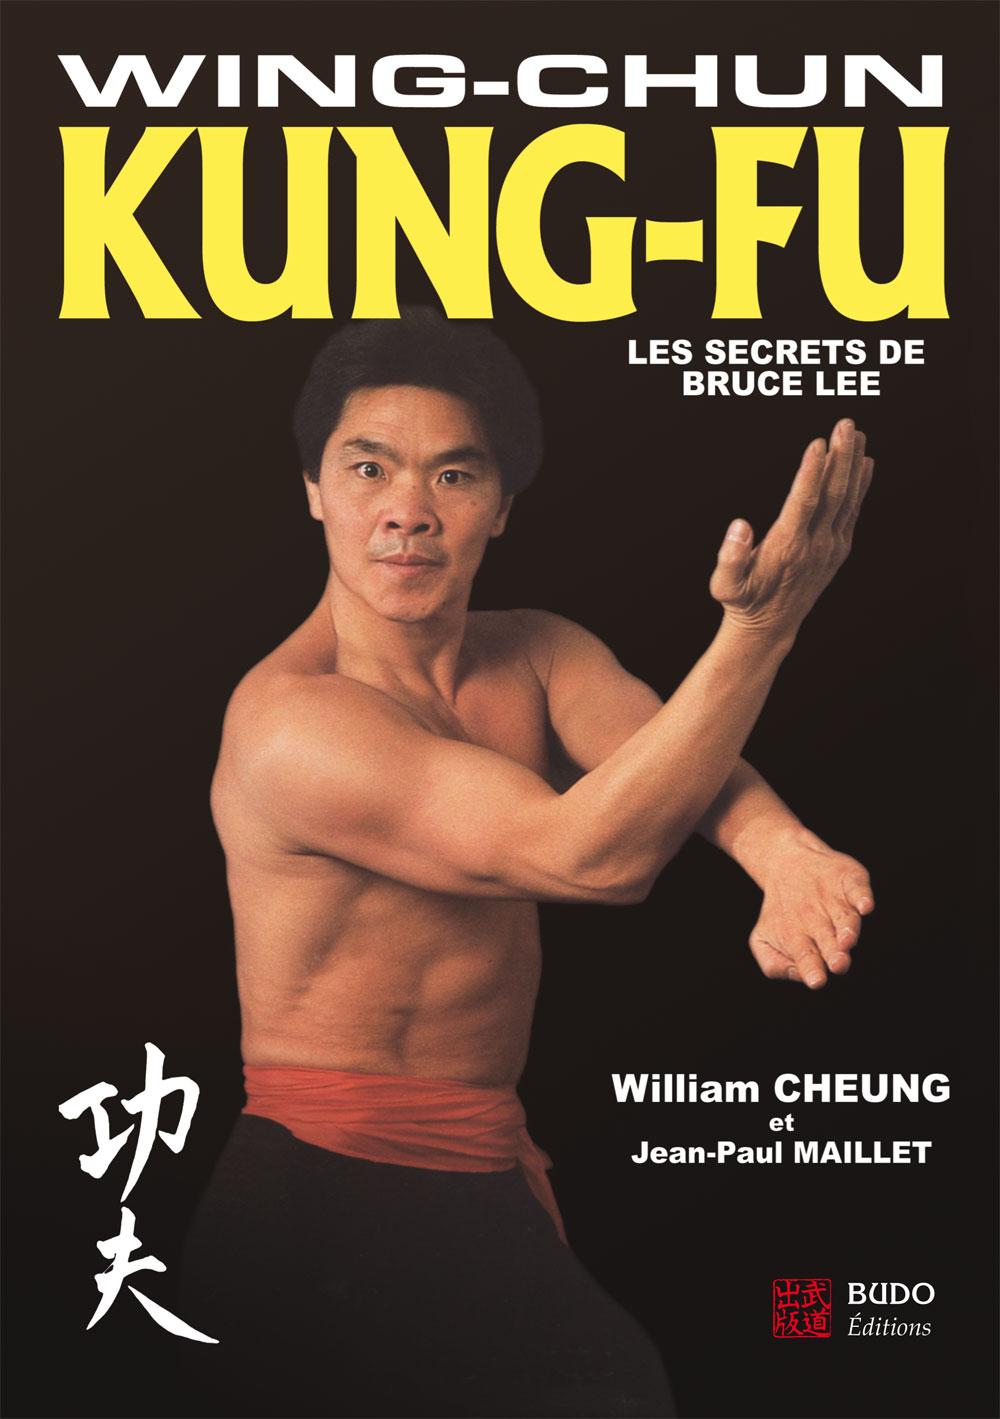 WING CHUN KUNG-FU Les secrets de Bruce Lee